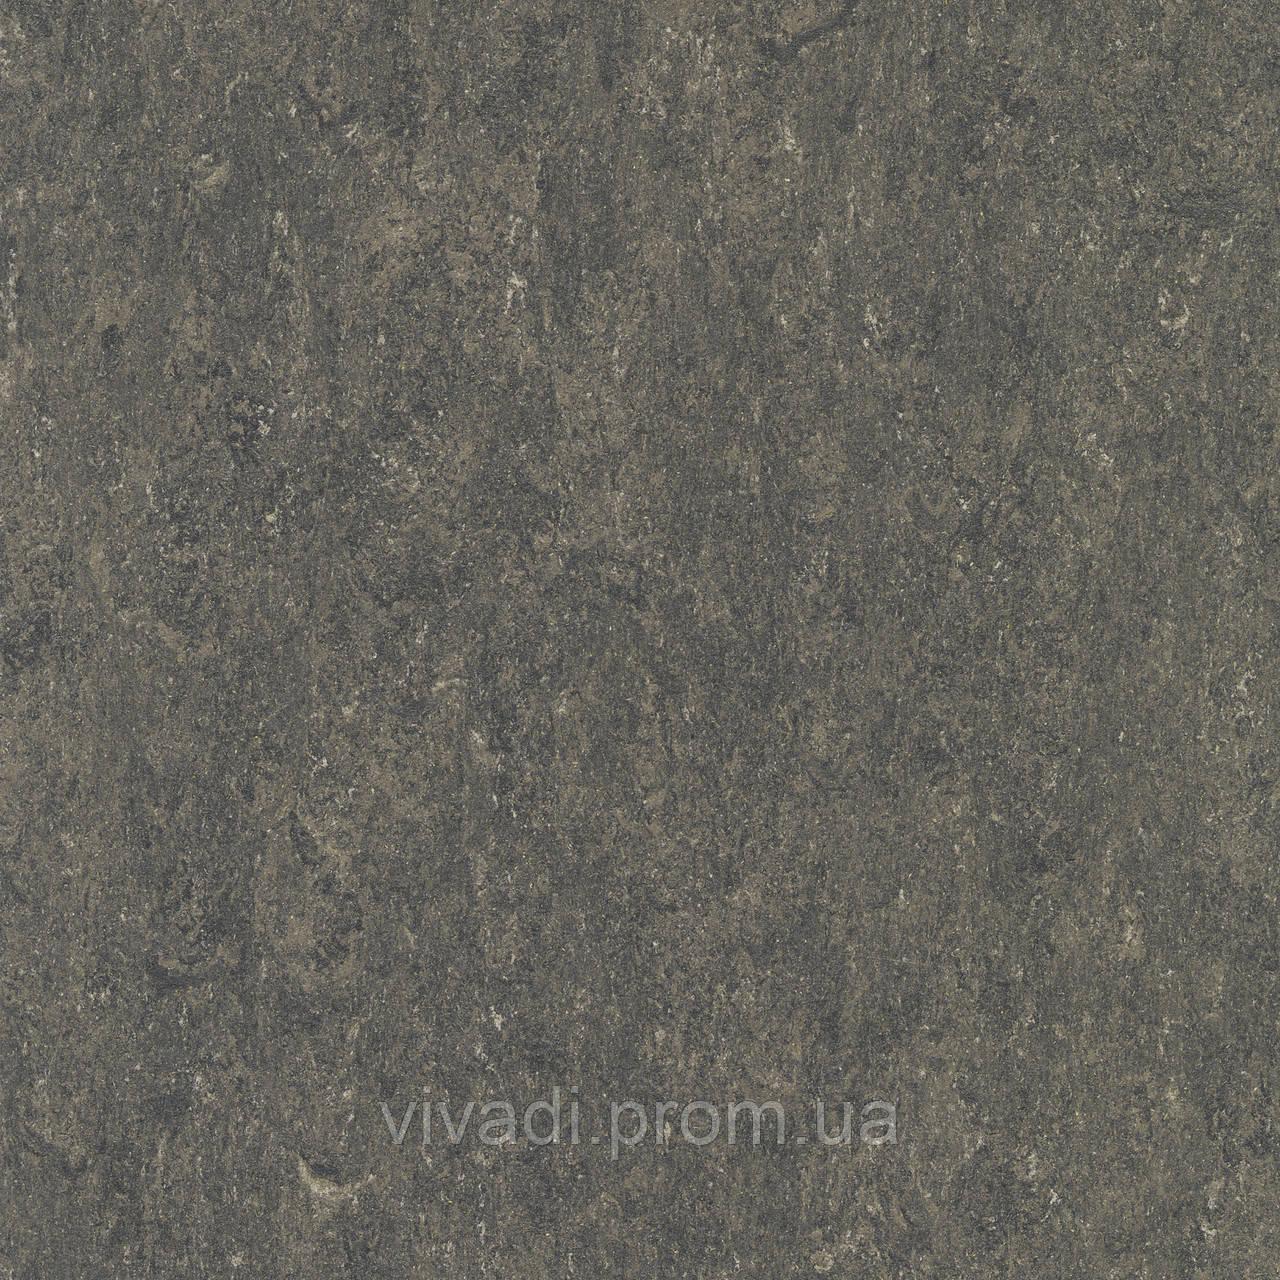 Натуральний лінолеум Marmorette PUR - колір 125-158